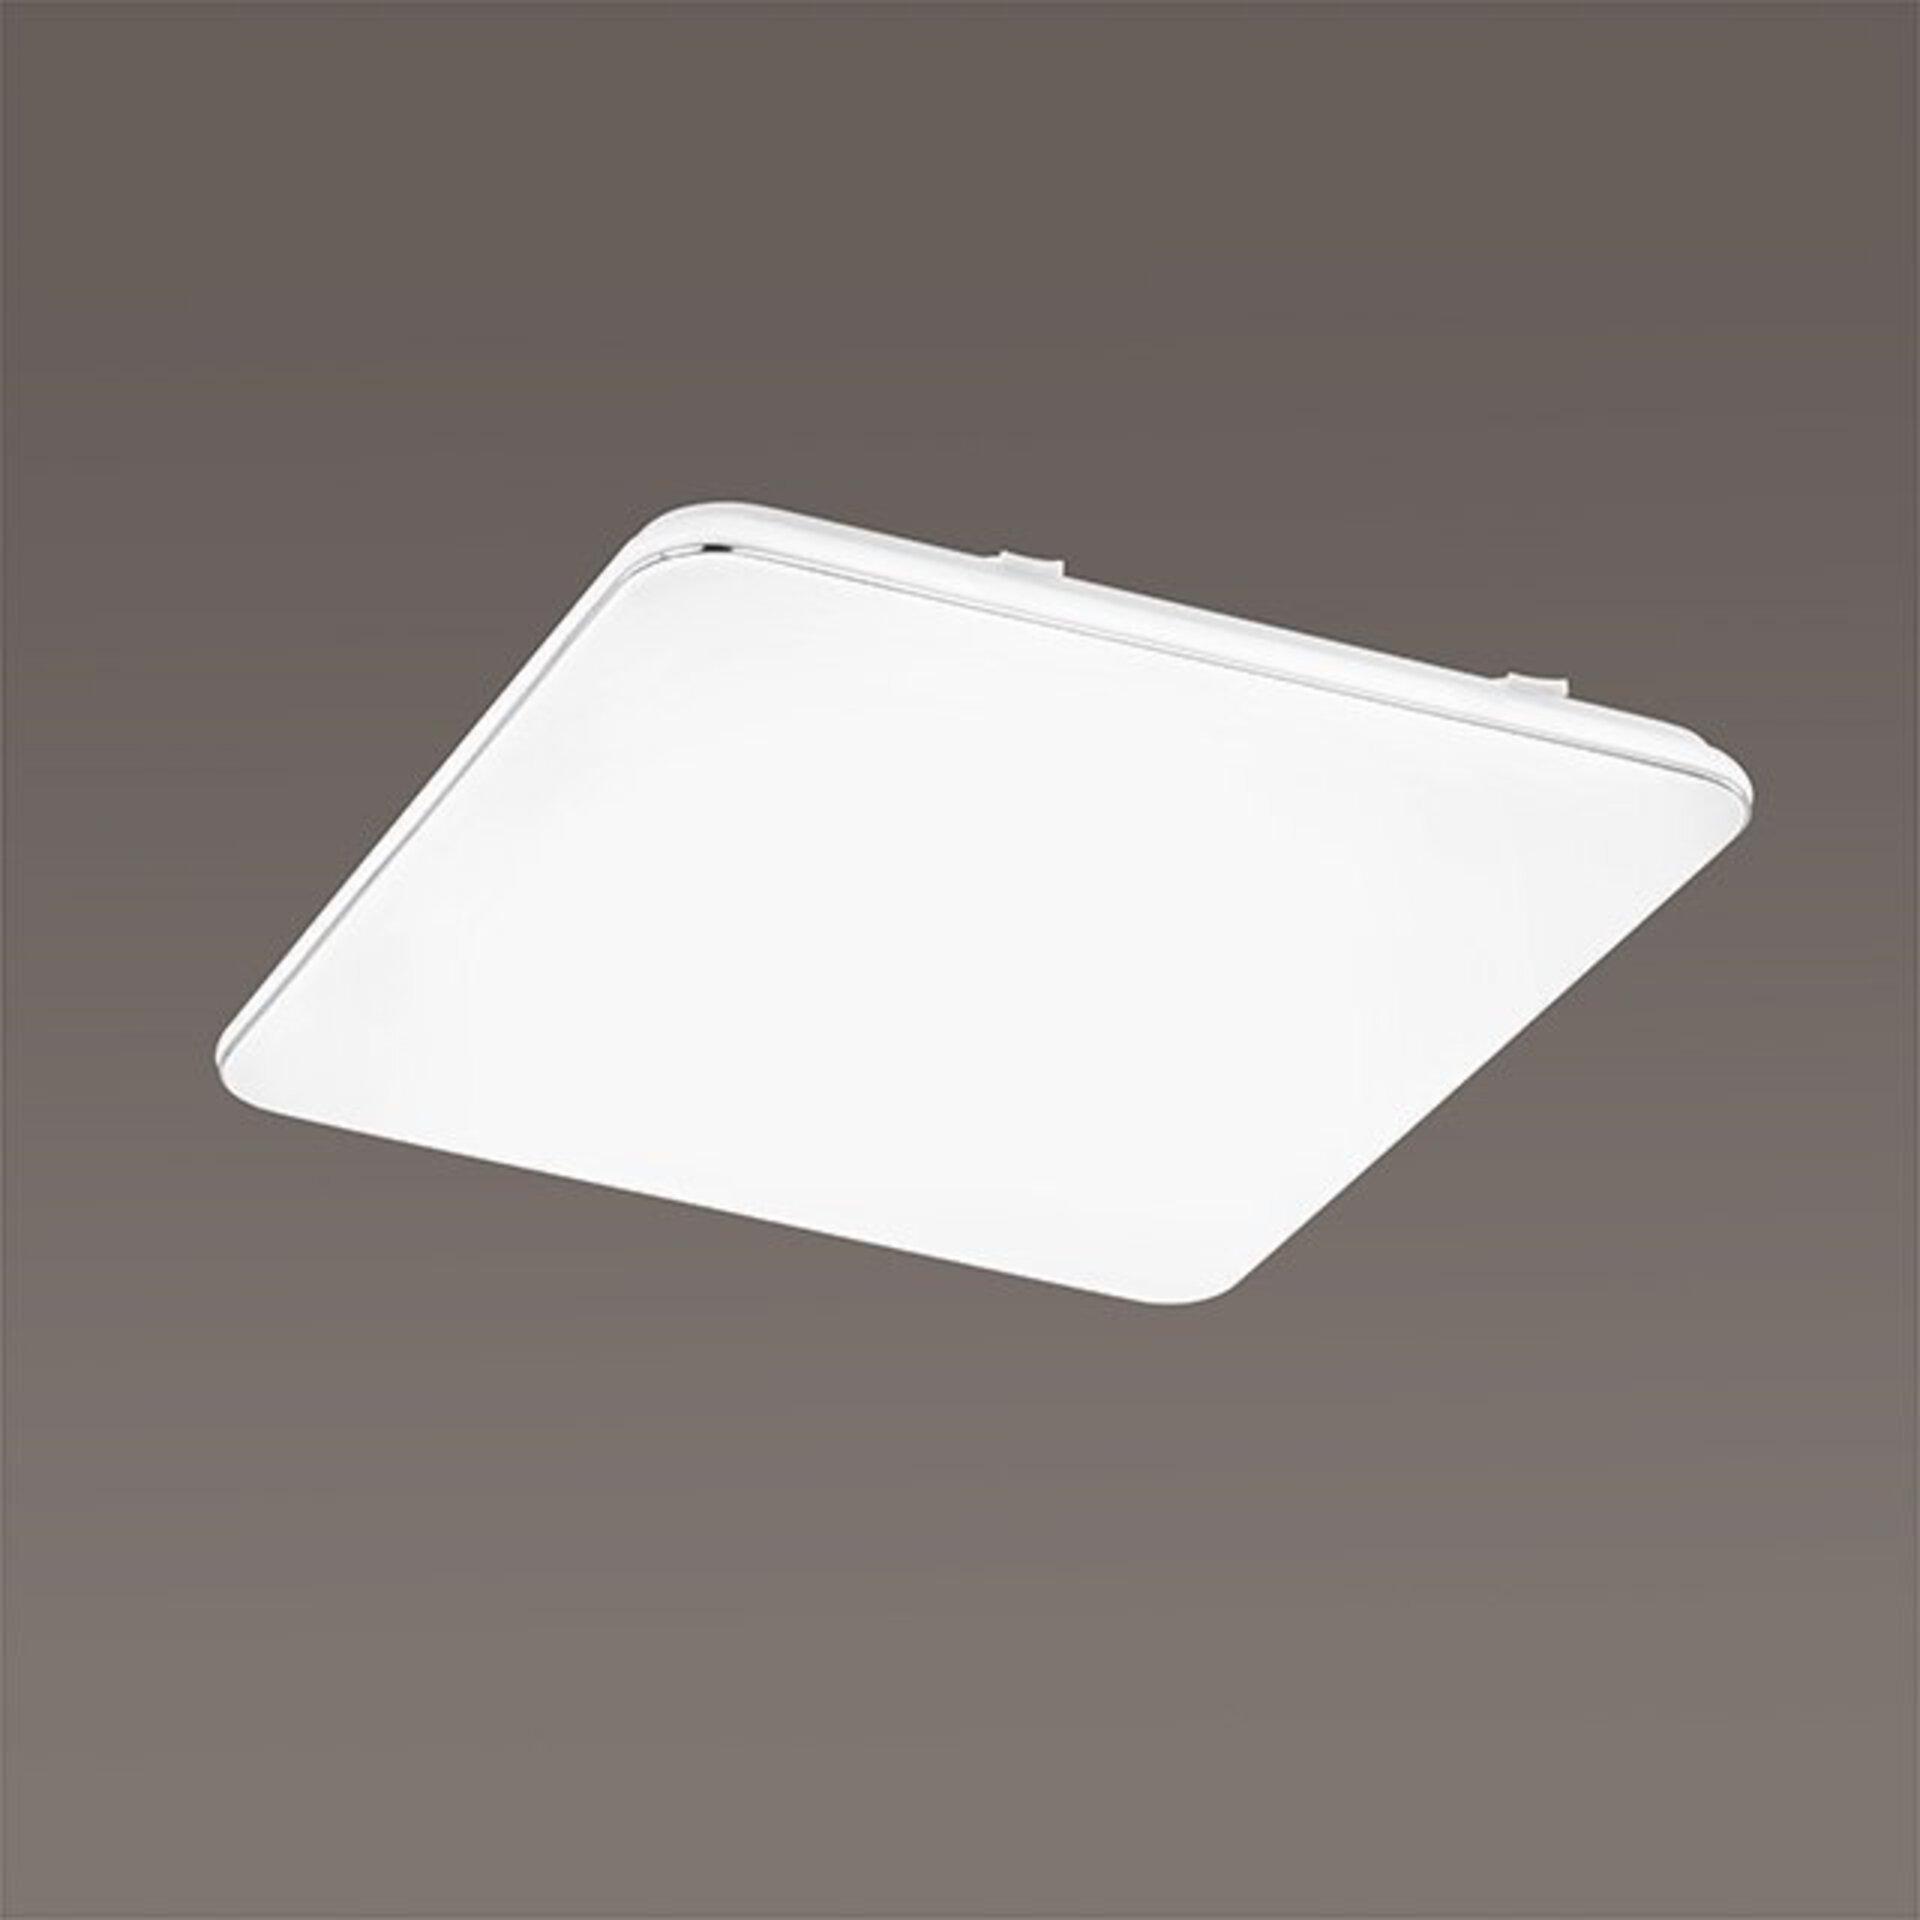 Deckenleuchte Aldo Fischer-Honsel Kunststoff weiß 53 x 5 x 53 cm